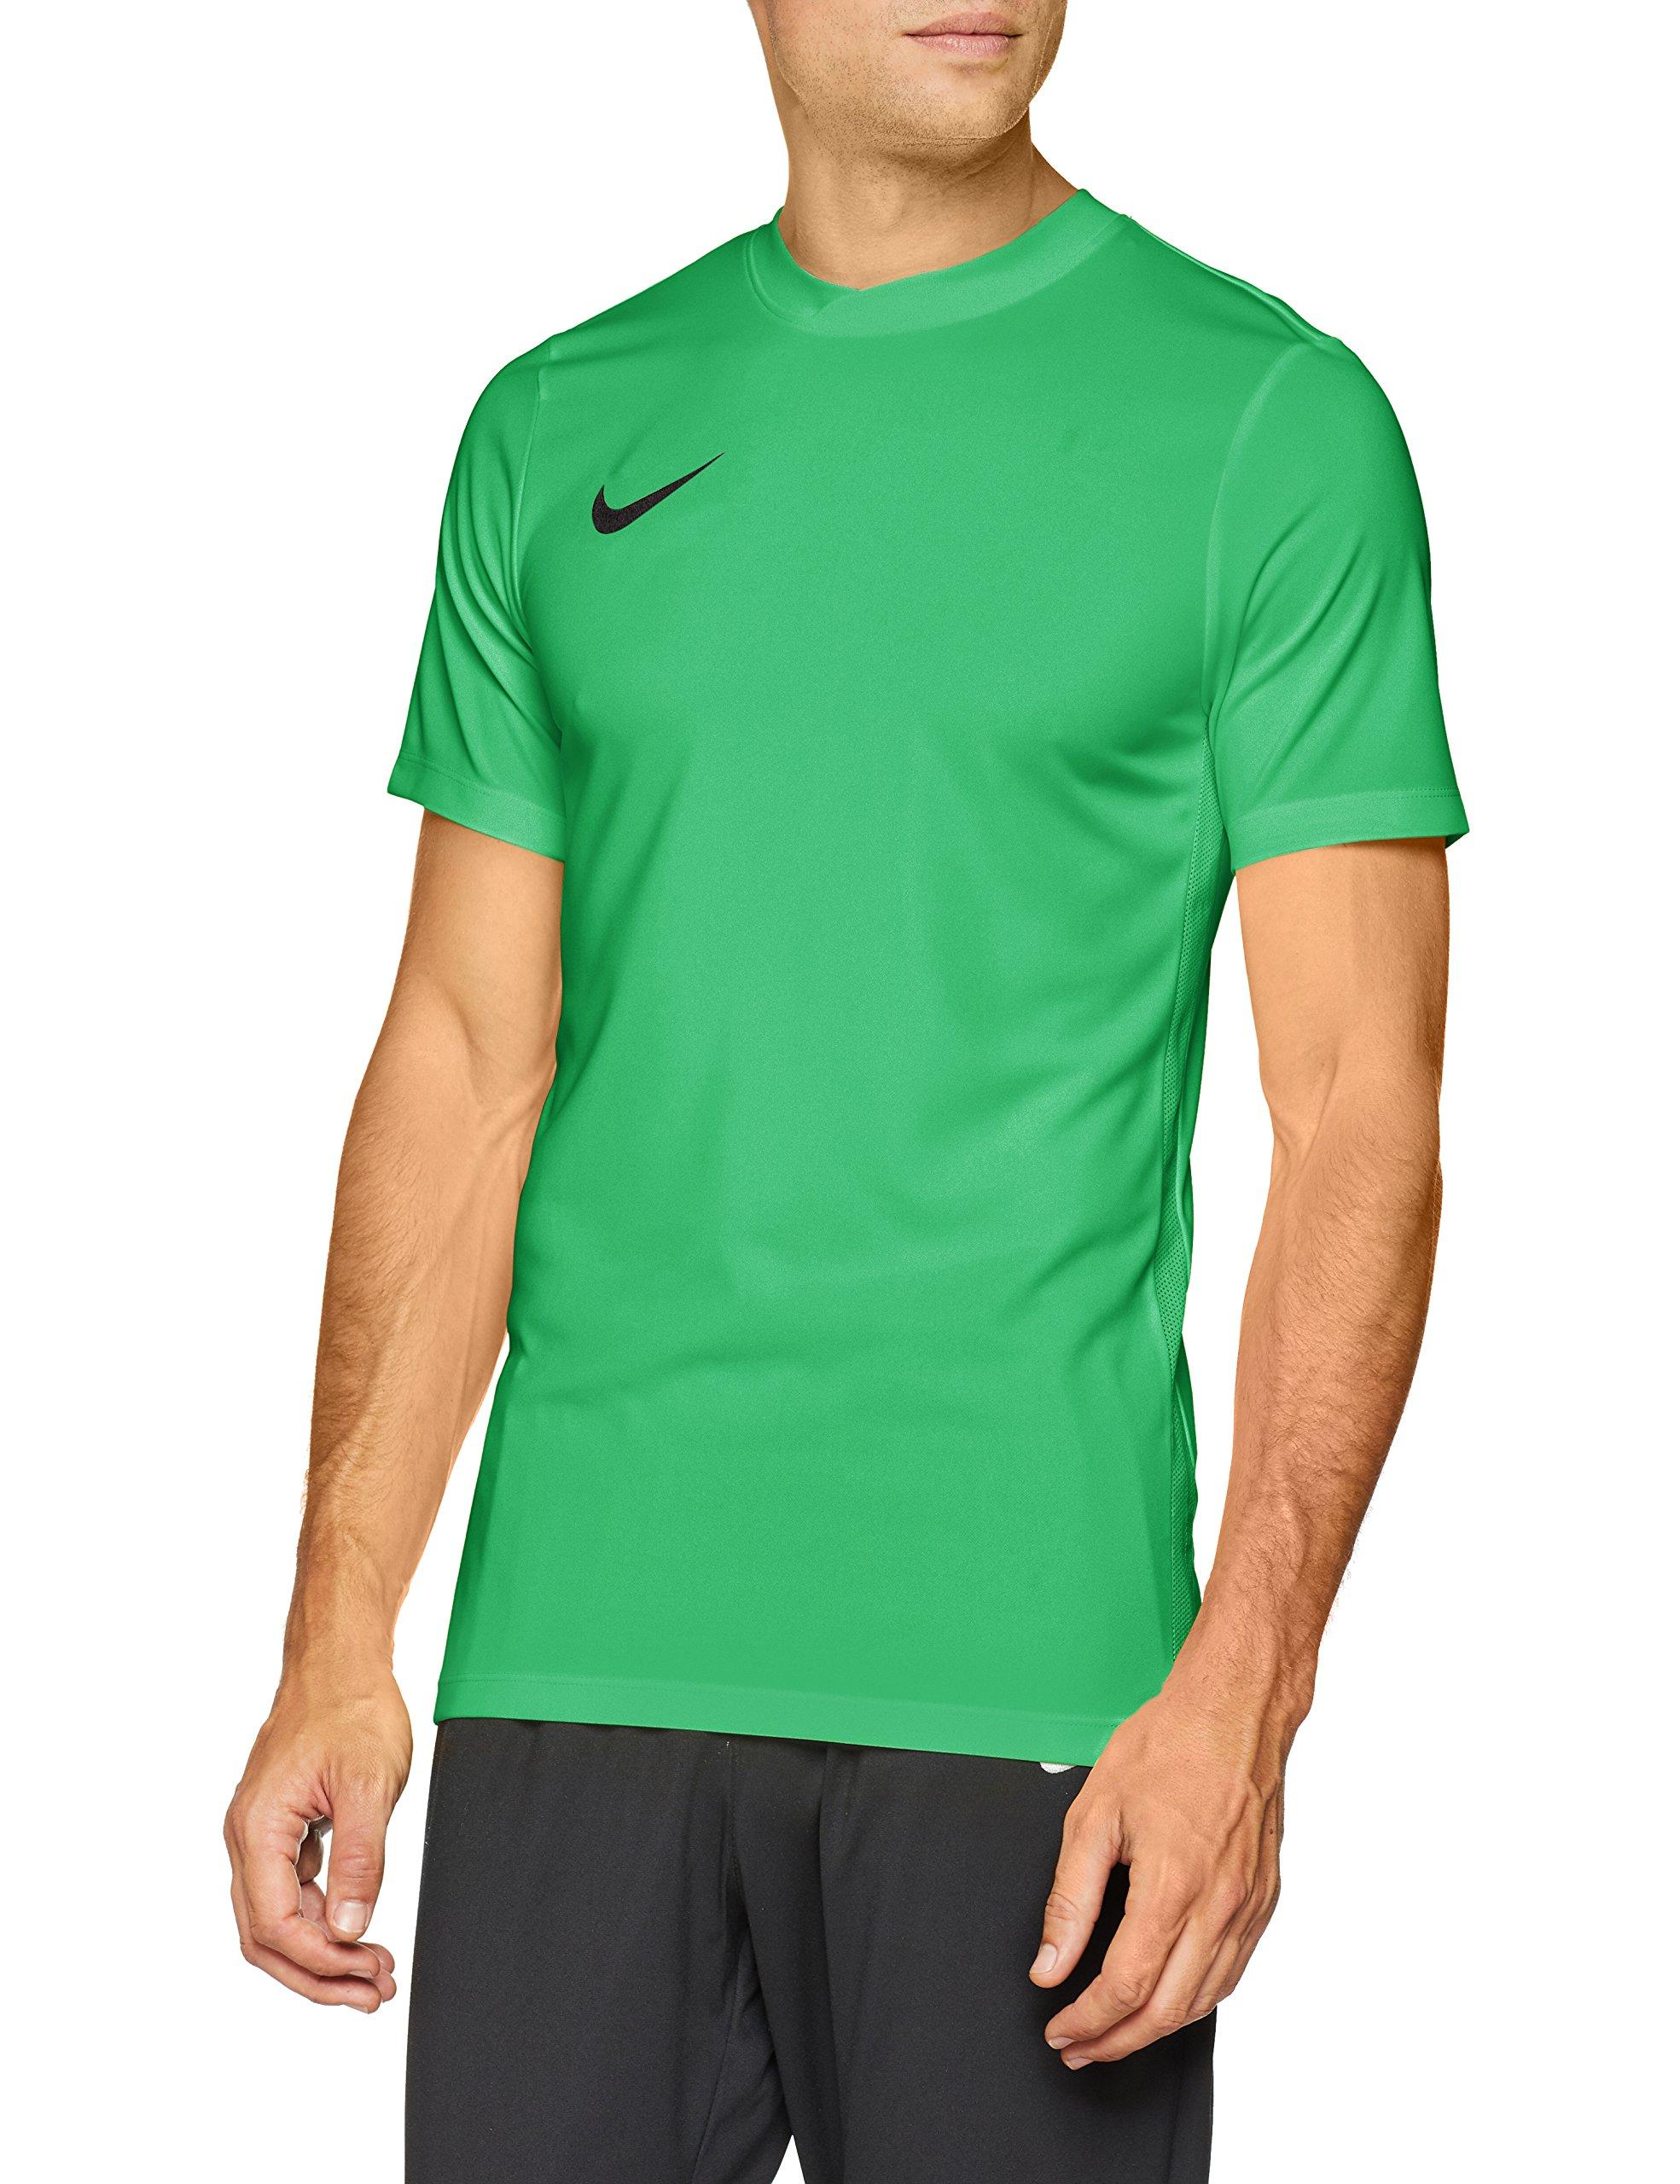 66a15cc8866c86 Am besten bewertete Produkte in der Kategorie Sportswear-Shirts ...